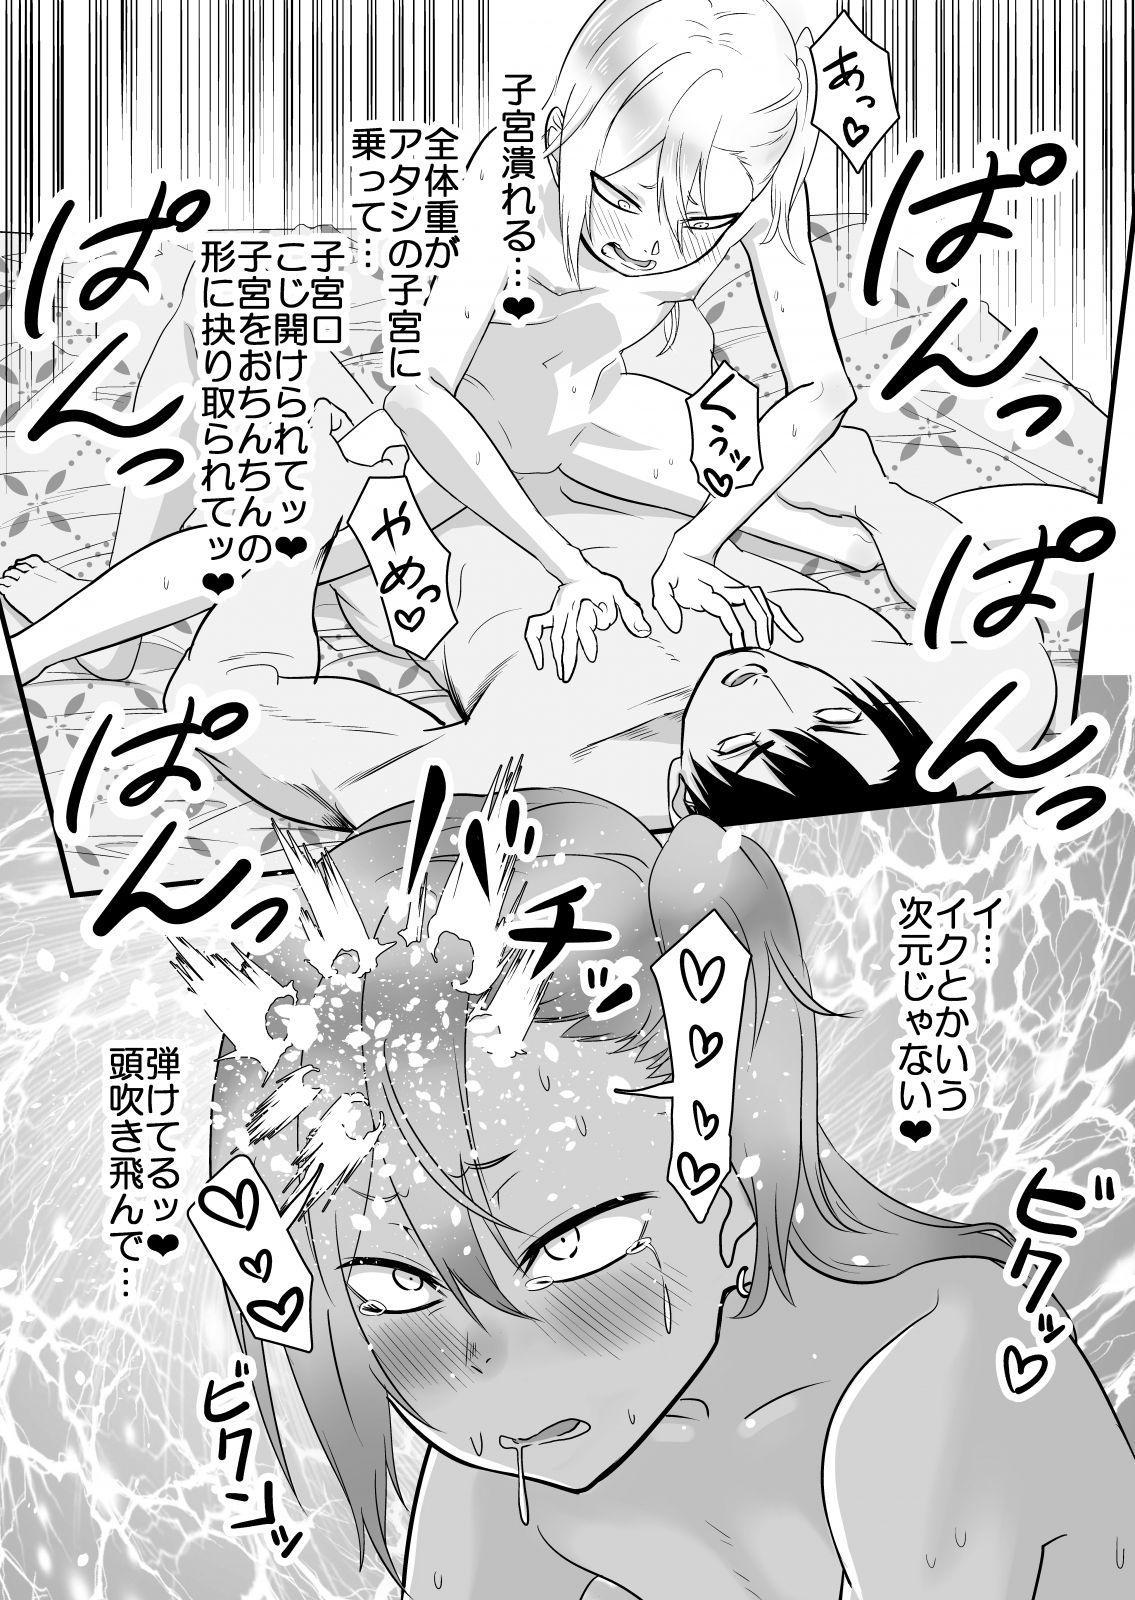 Kinpatsu Yancha-kei na Kanojo to no Kurashikata 2・Kouhen 23